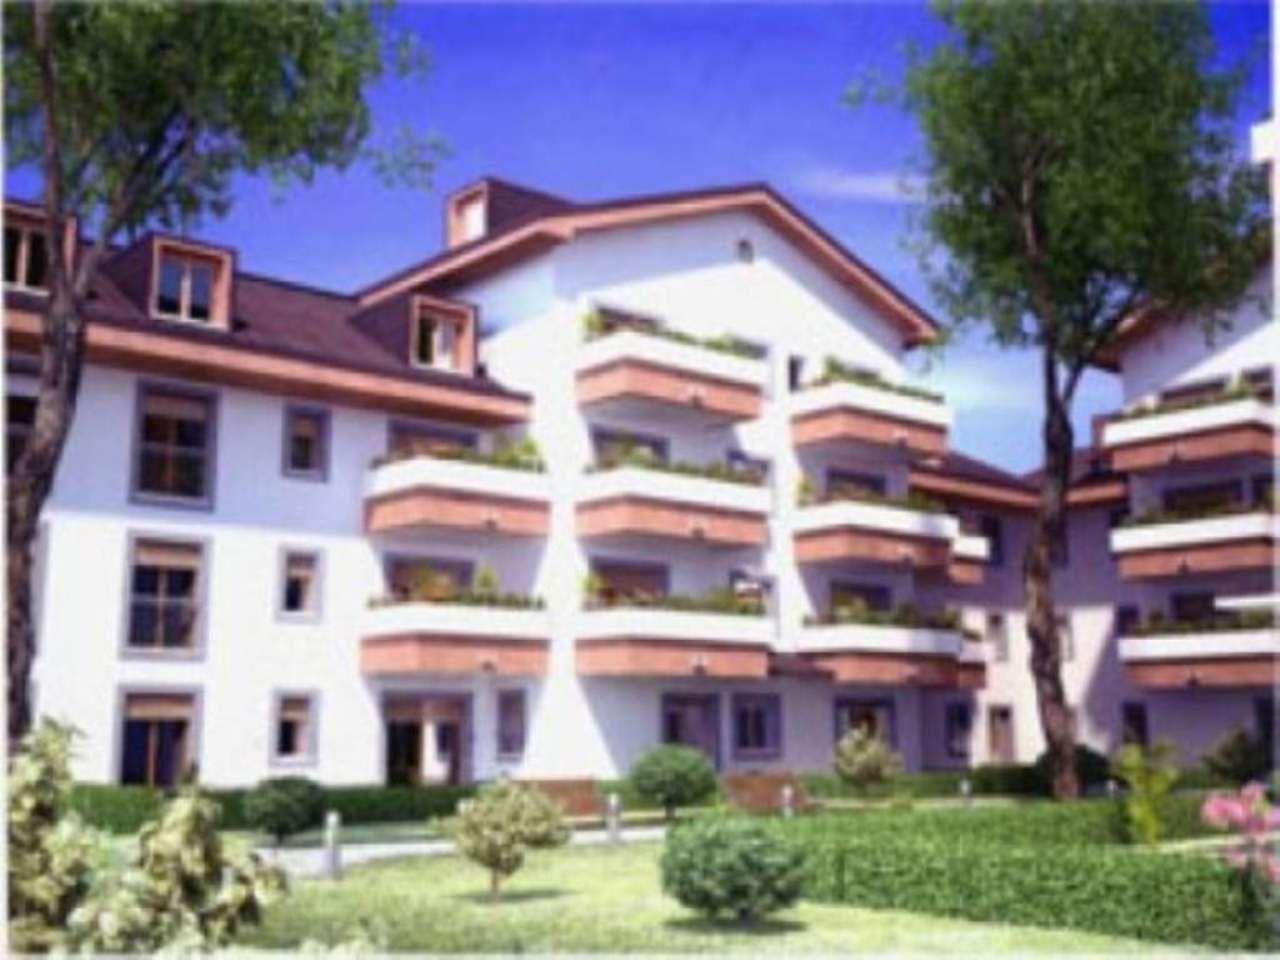 Appartamento in Vendita a Segrate: 4 locali, 134 mq